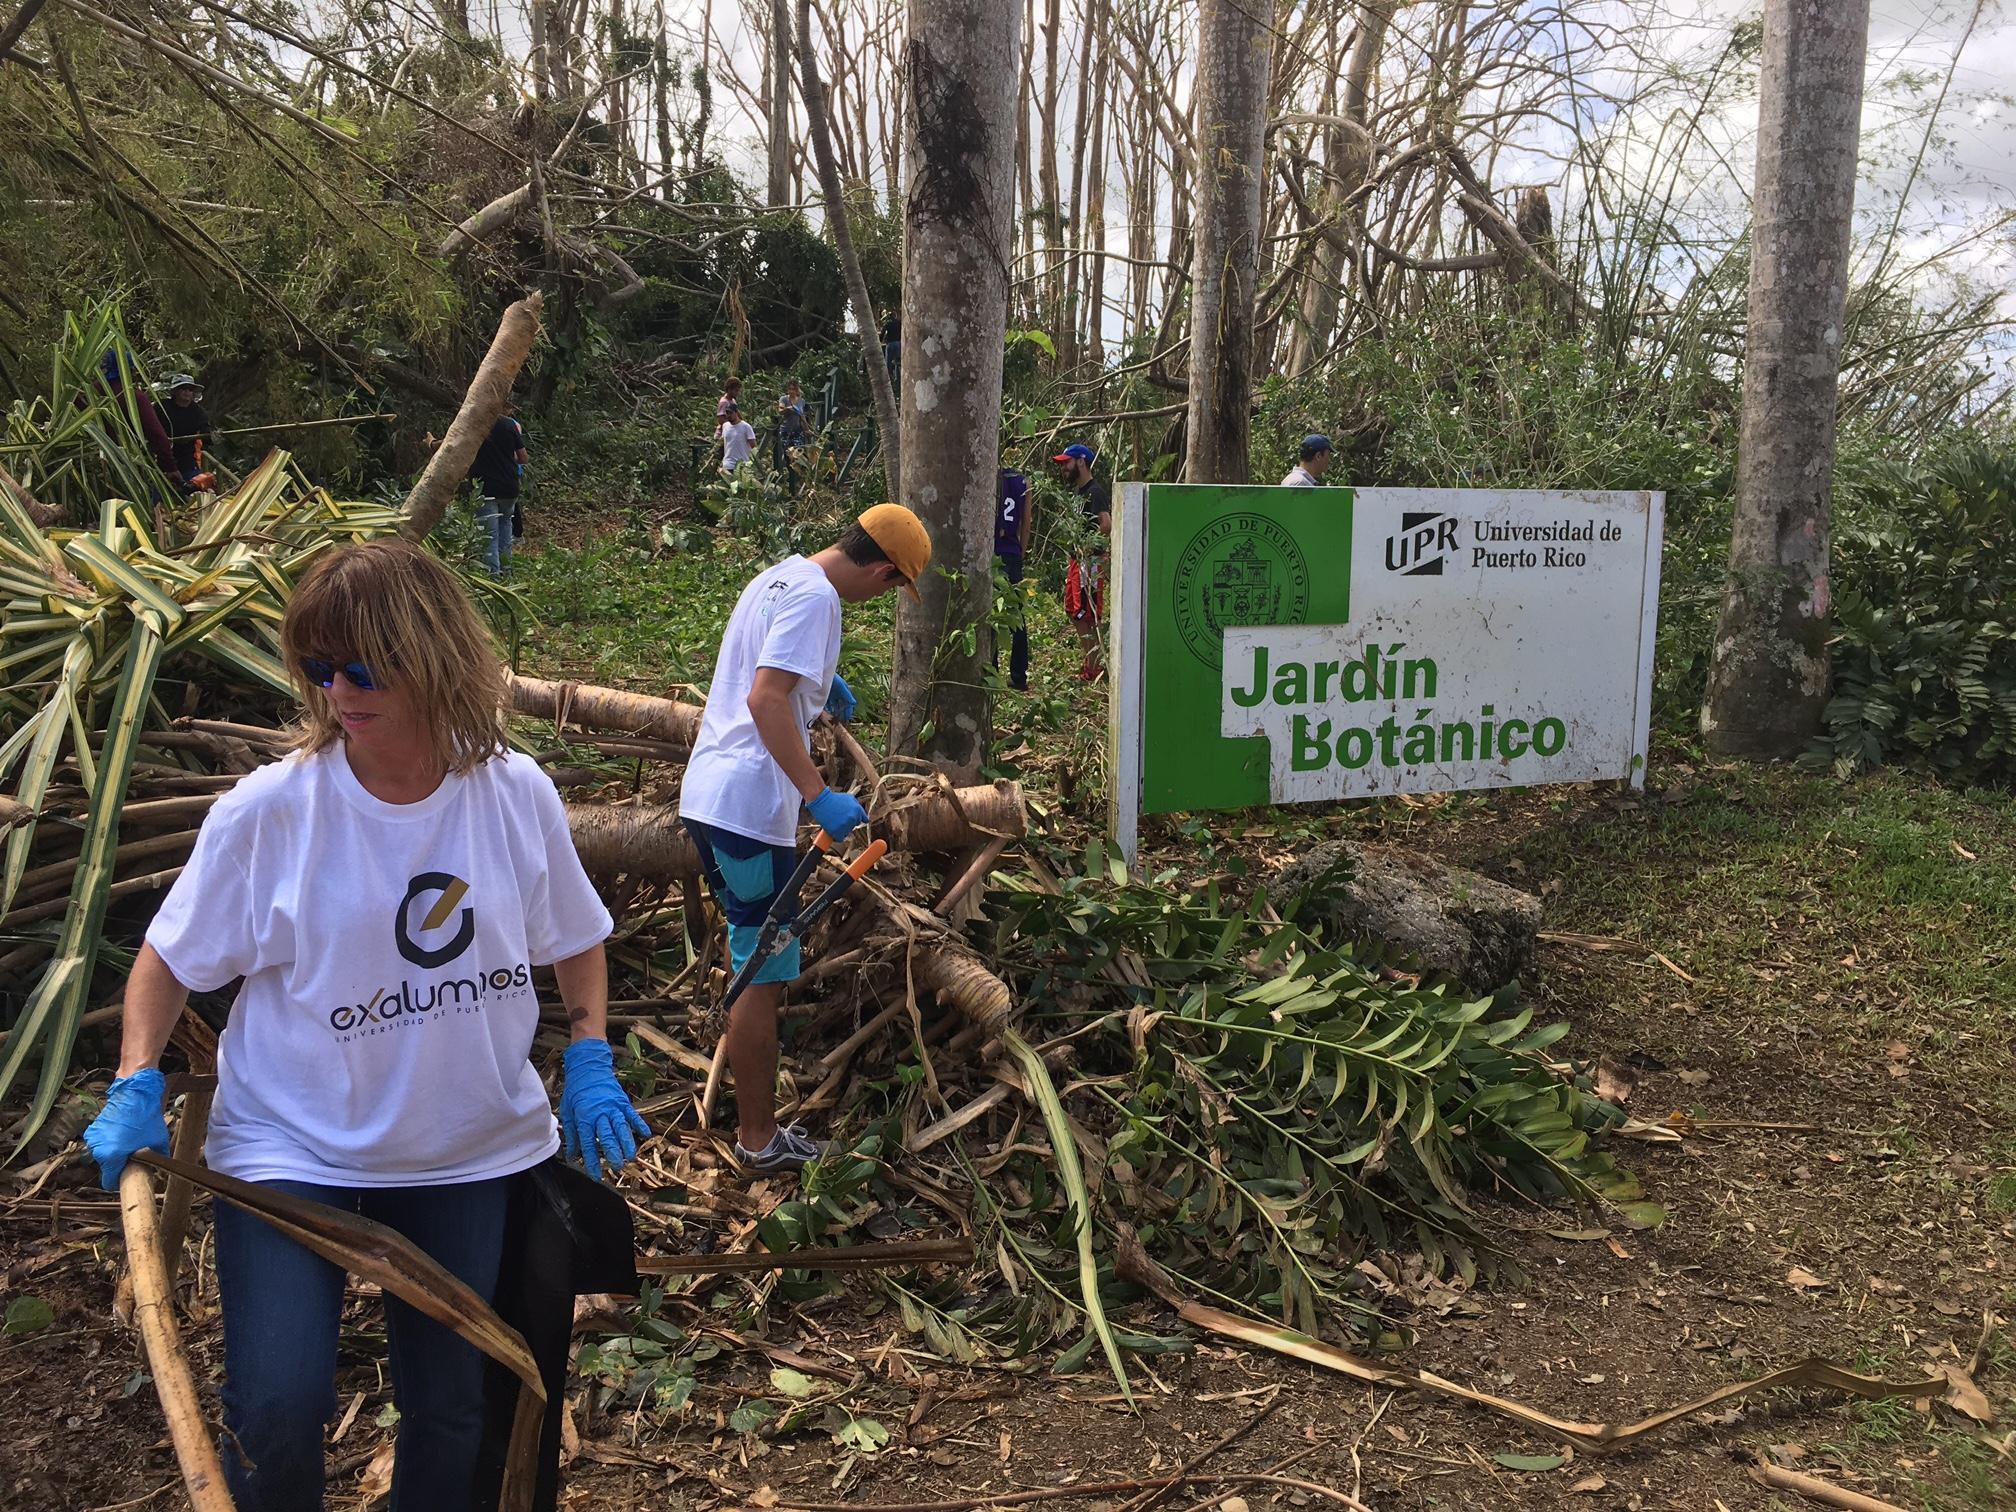 Upr se levanta universidad de puerto rico for Jardin botanico contacto